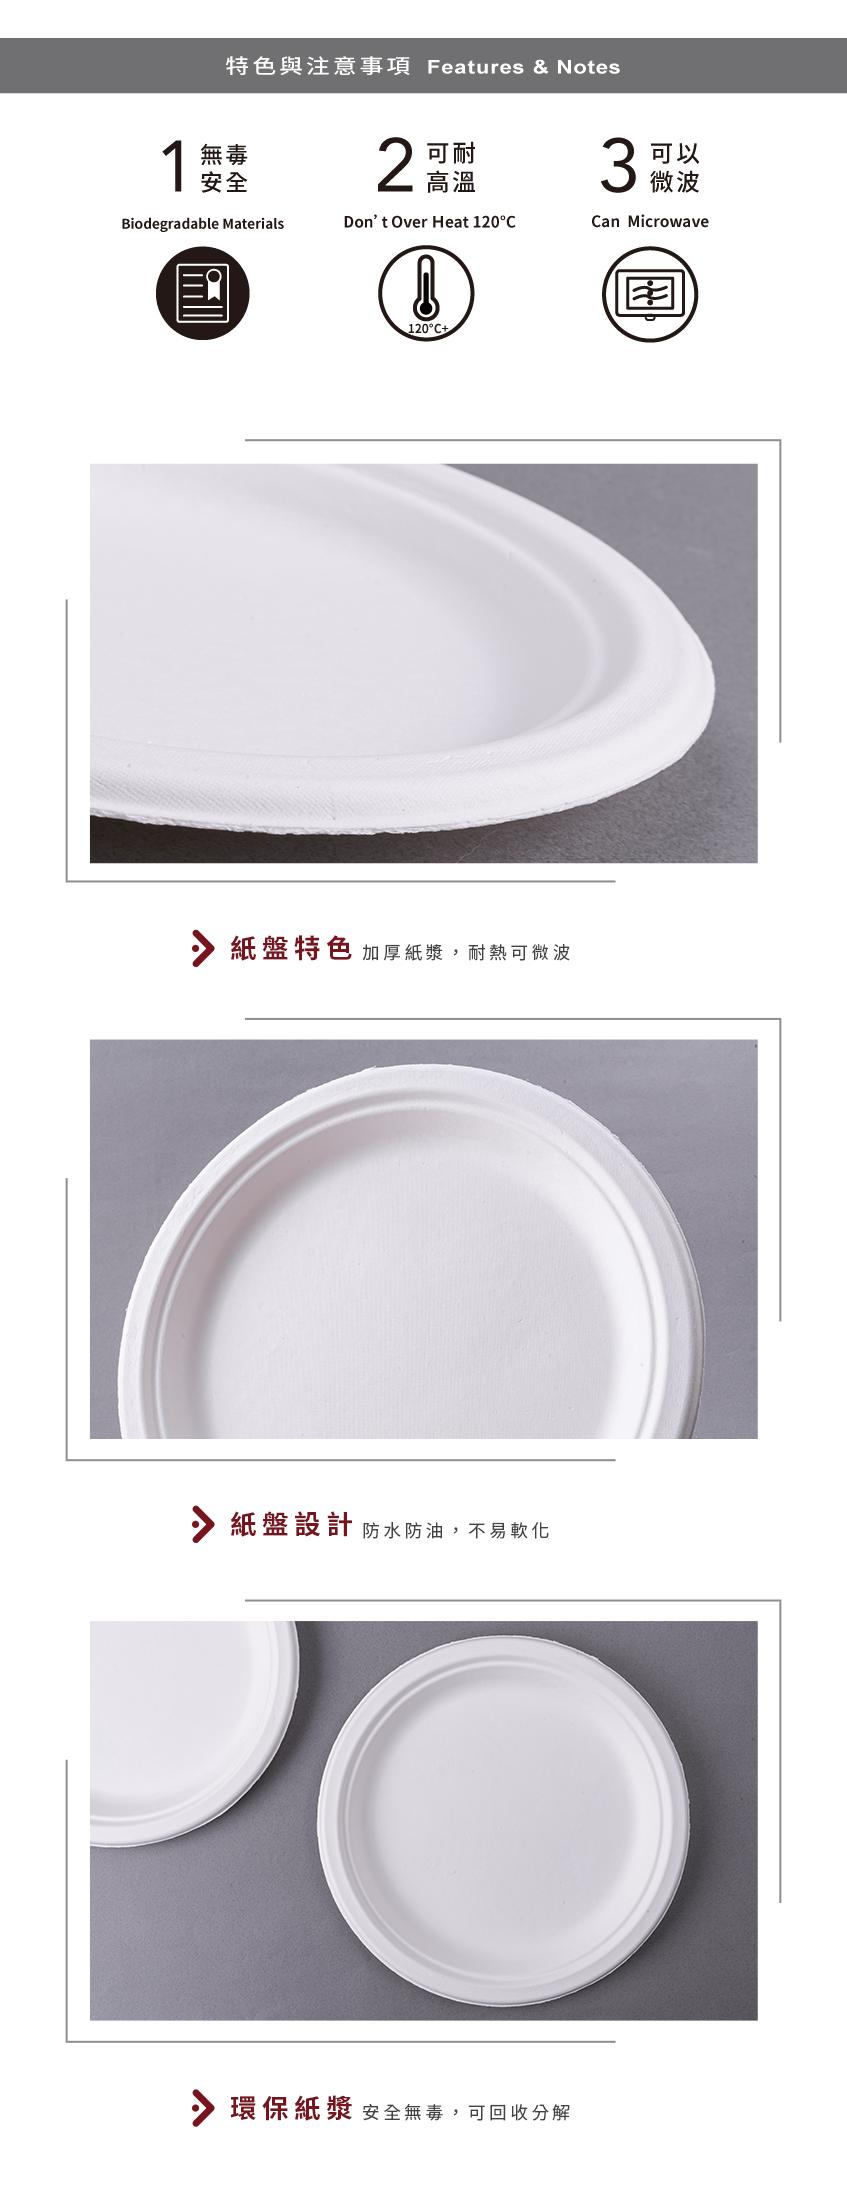 【紙漿盤 - 9吋】226*20.6mm 白色 圓盤 免洗盤 紙盤 點心盤 餐盤 免洗餐具